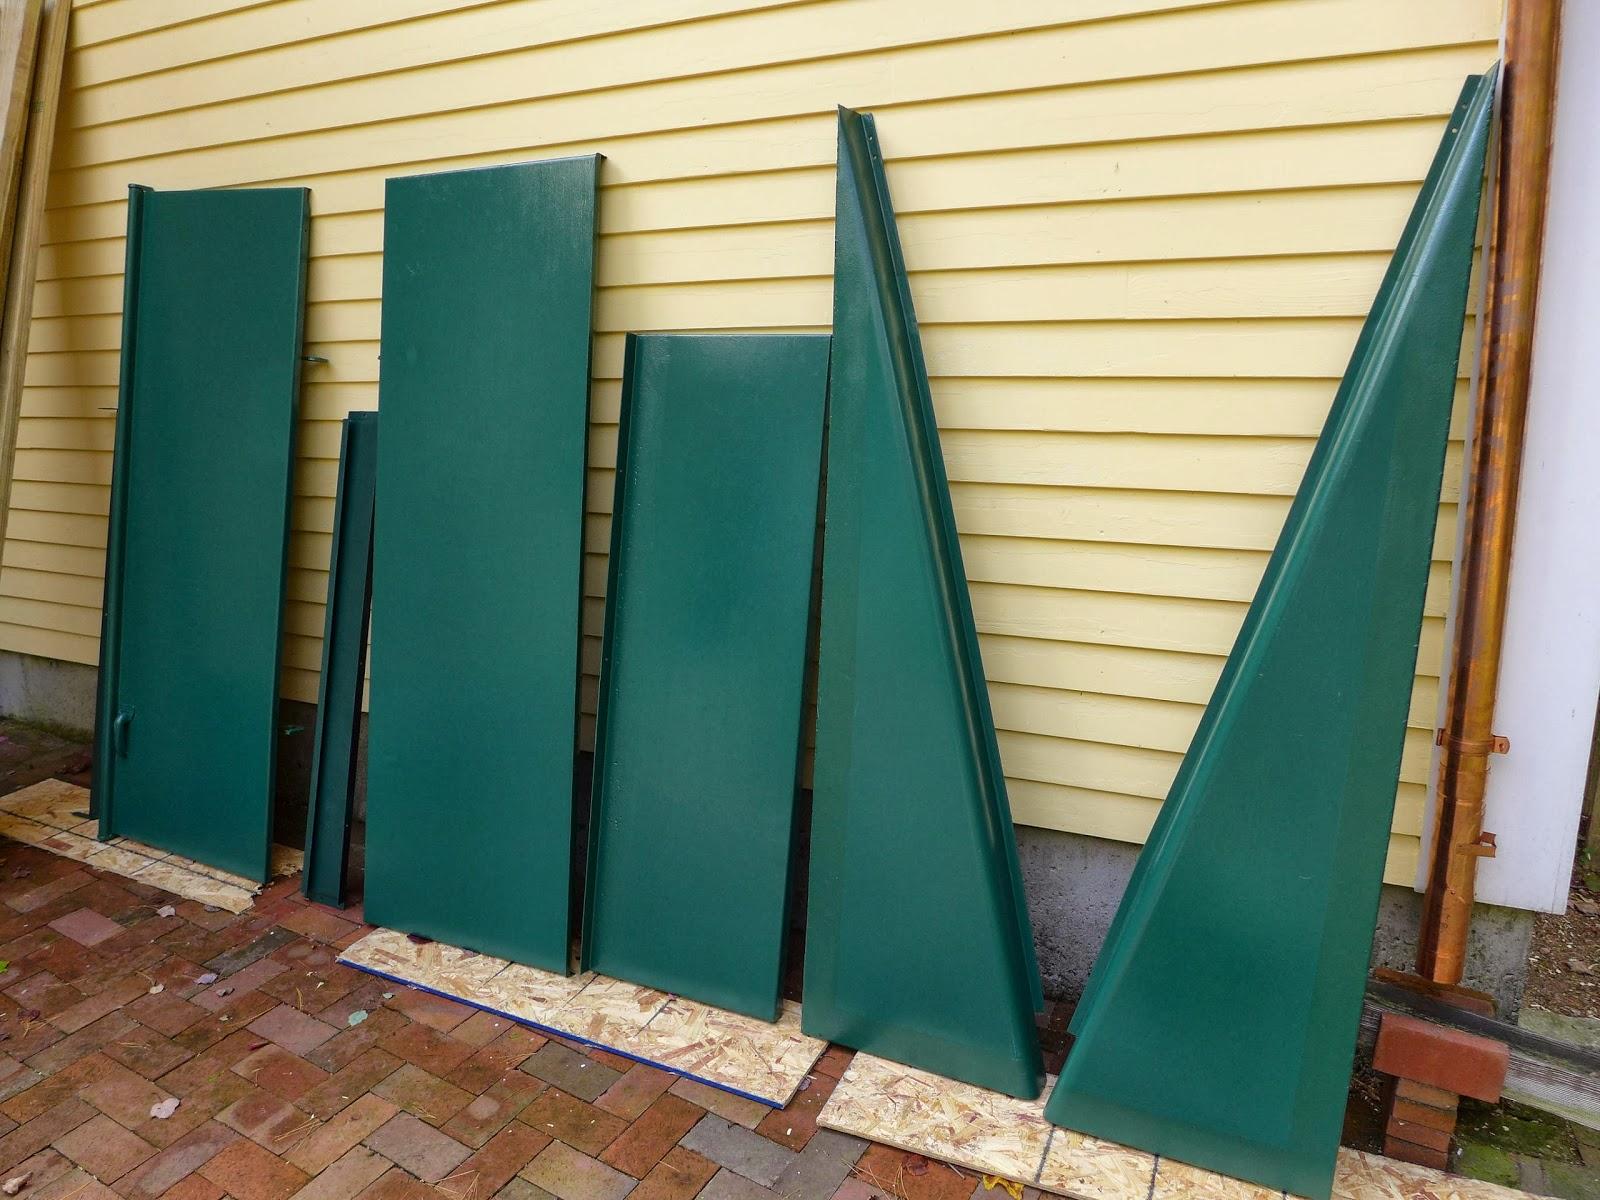 Bilco doors 100 basement window size pool image bilco for Bilco doors